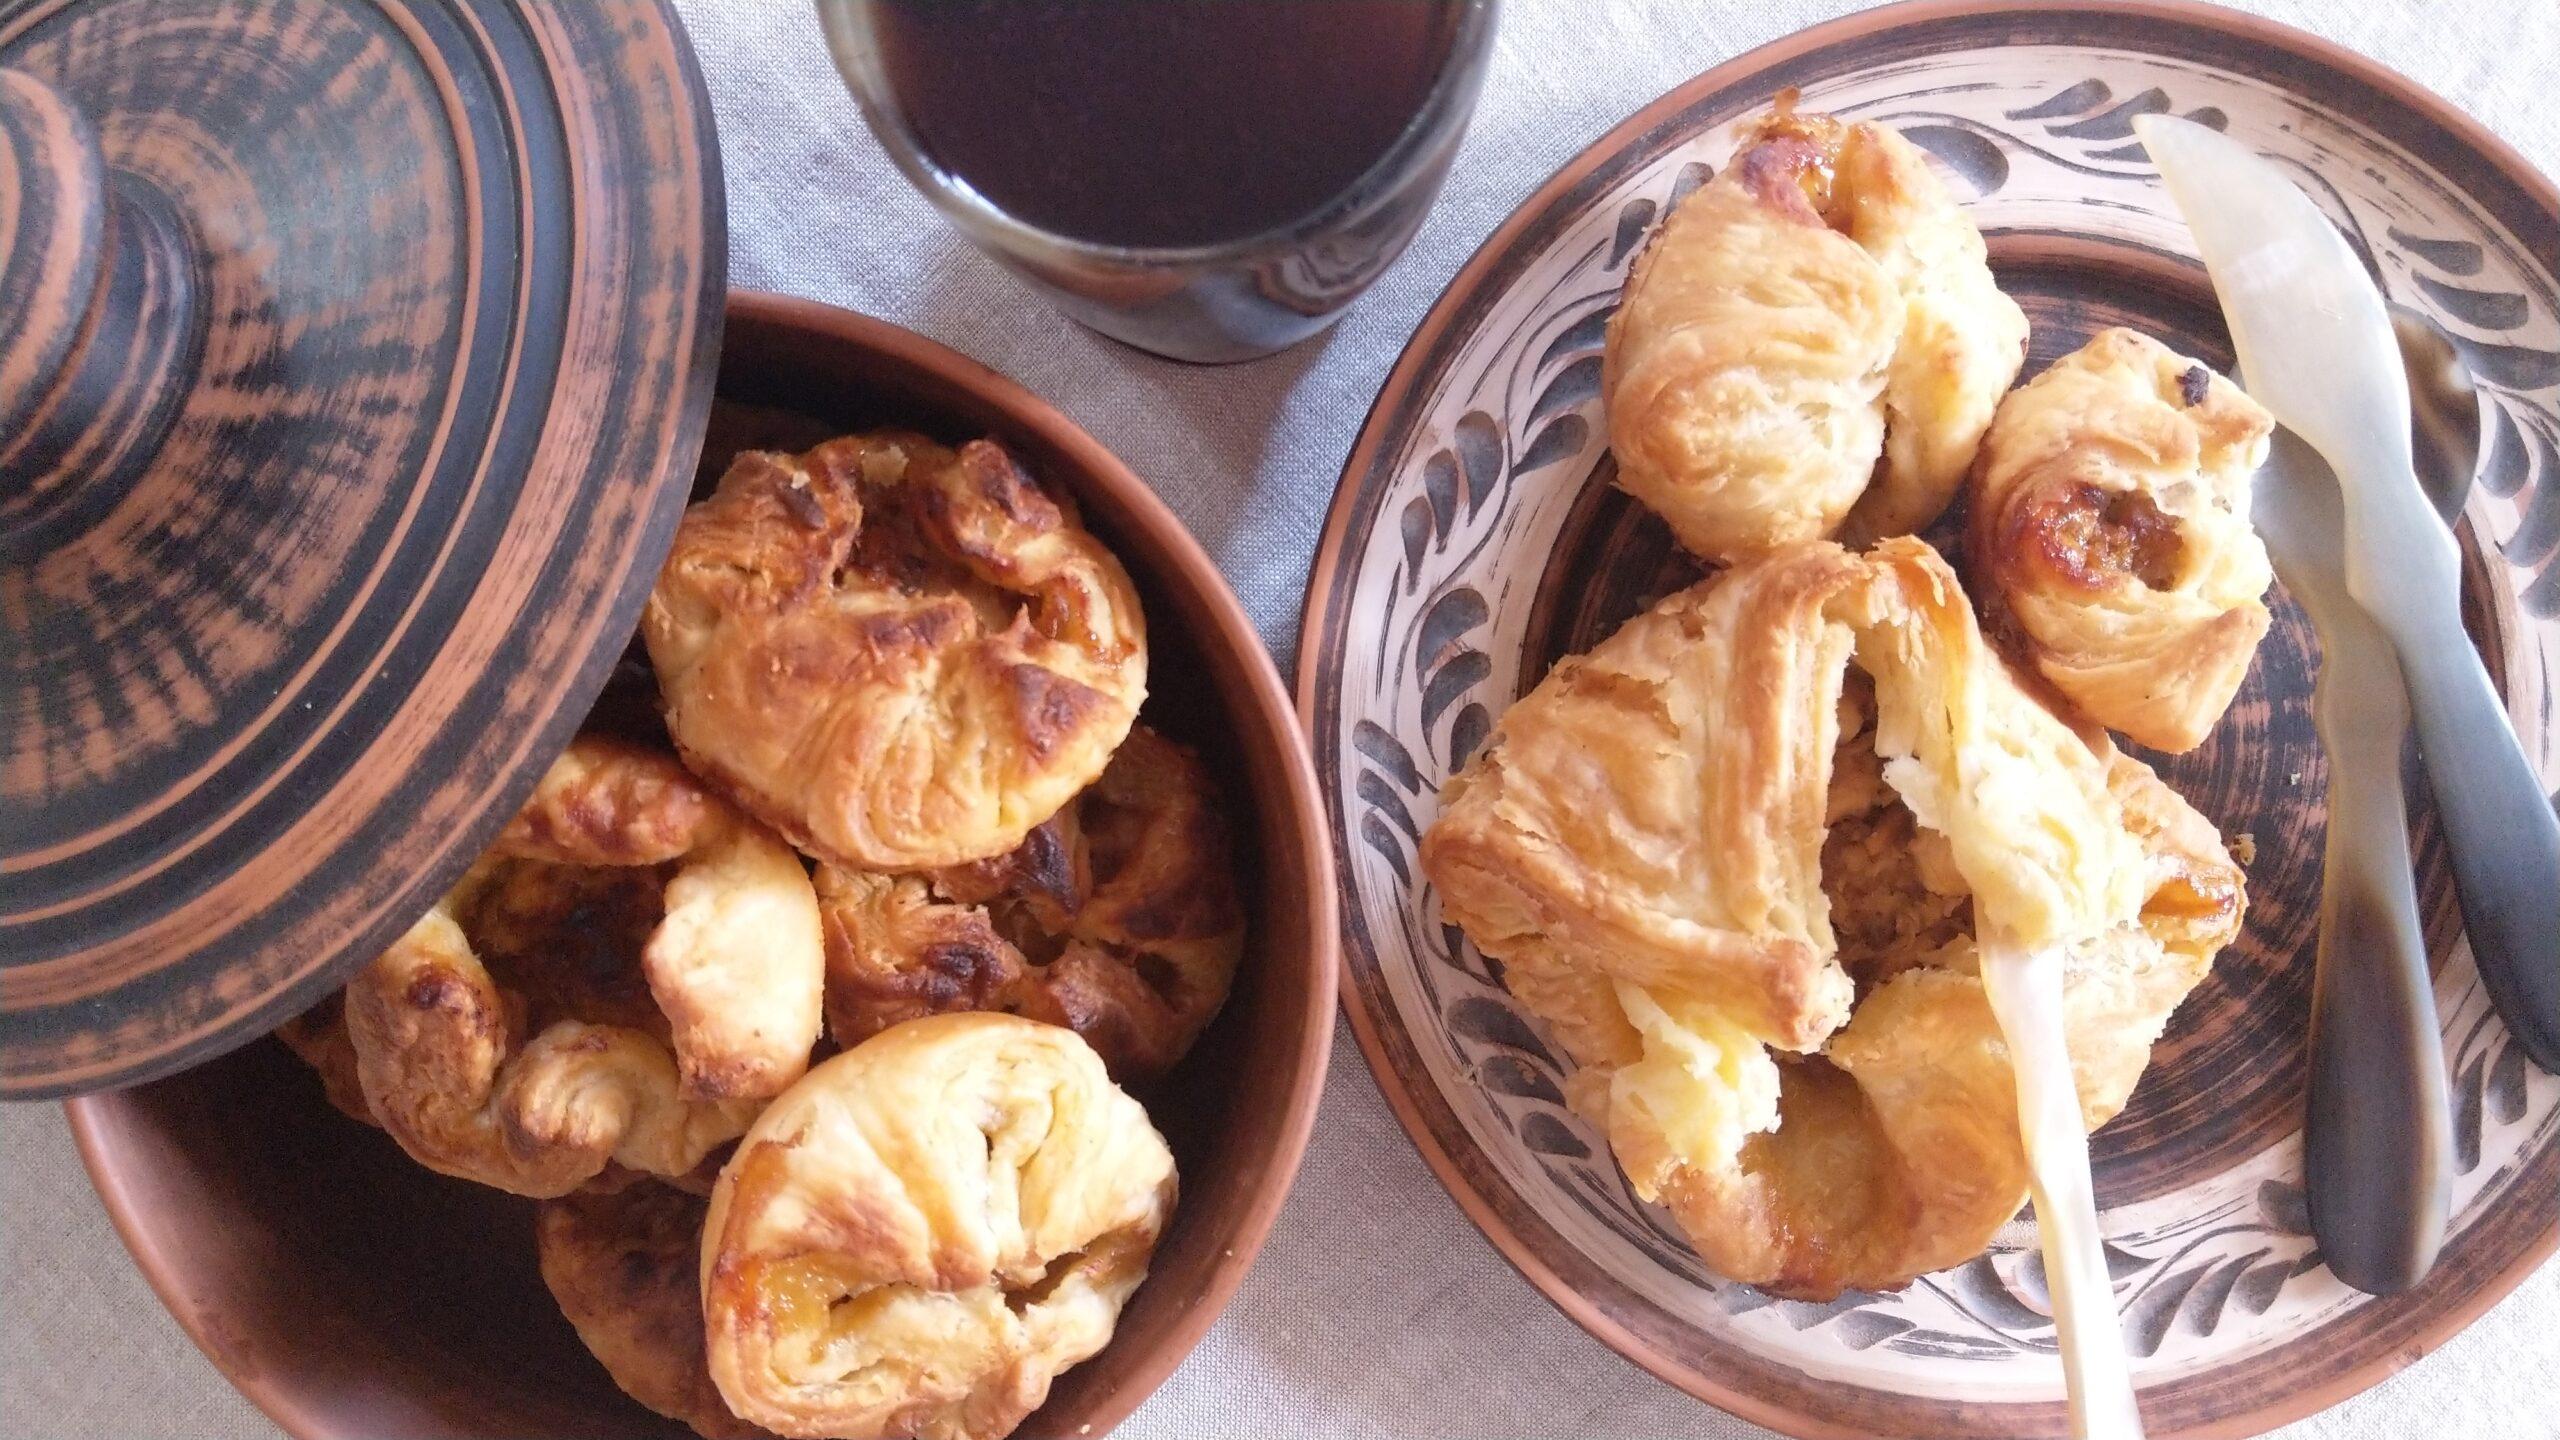 Steldene chicken and honey pastries